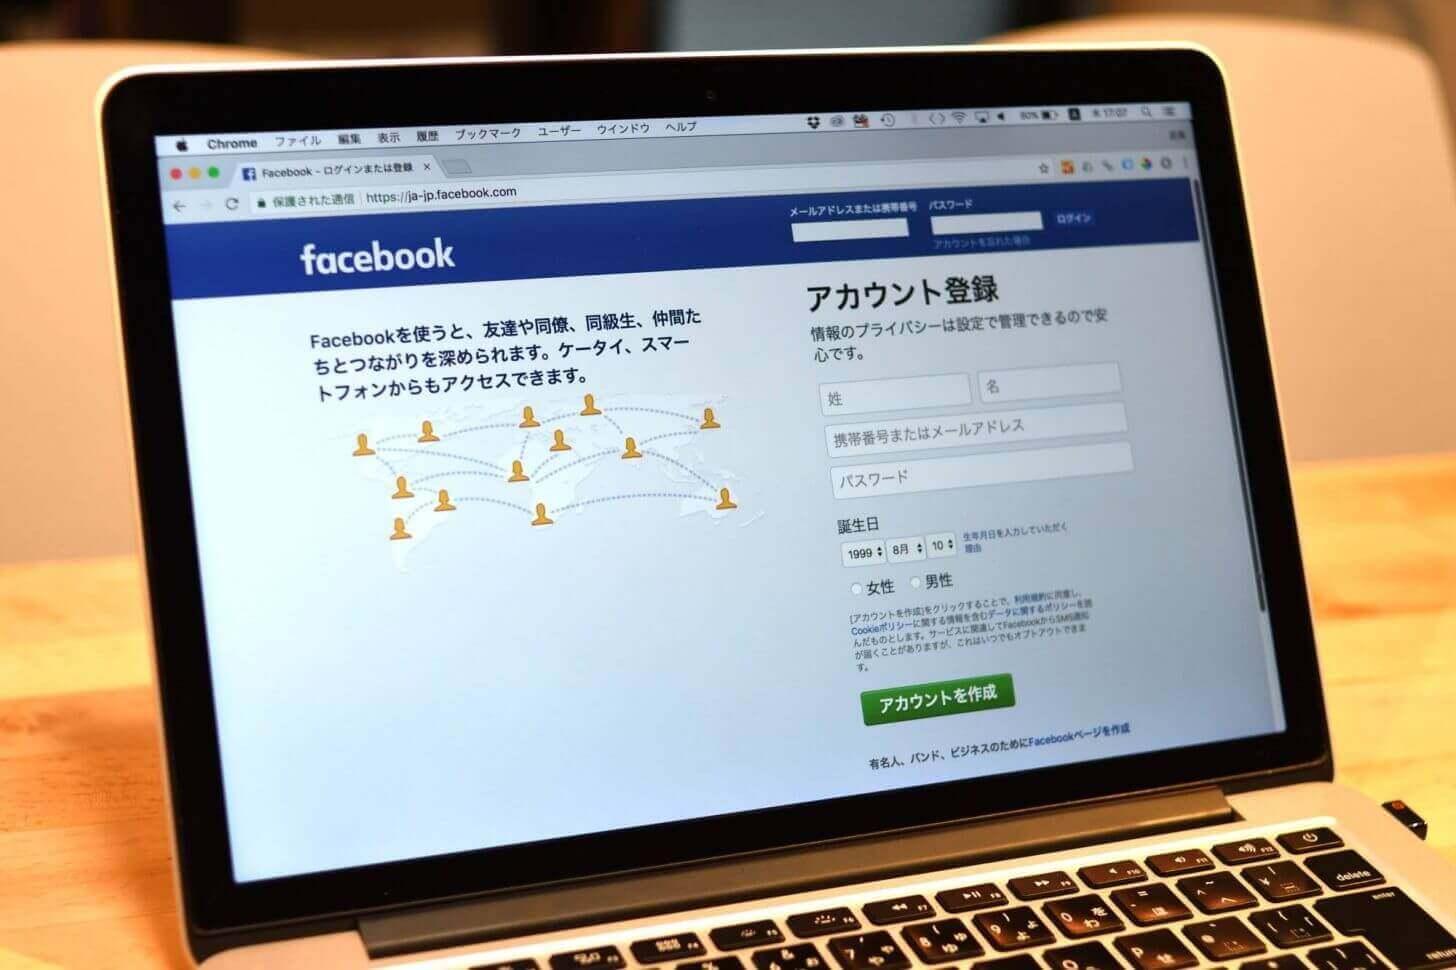 Facebook嫌いな私が実践する「Facebookと距離を取る方法」